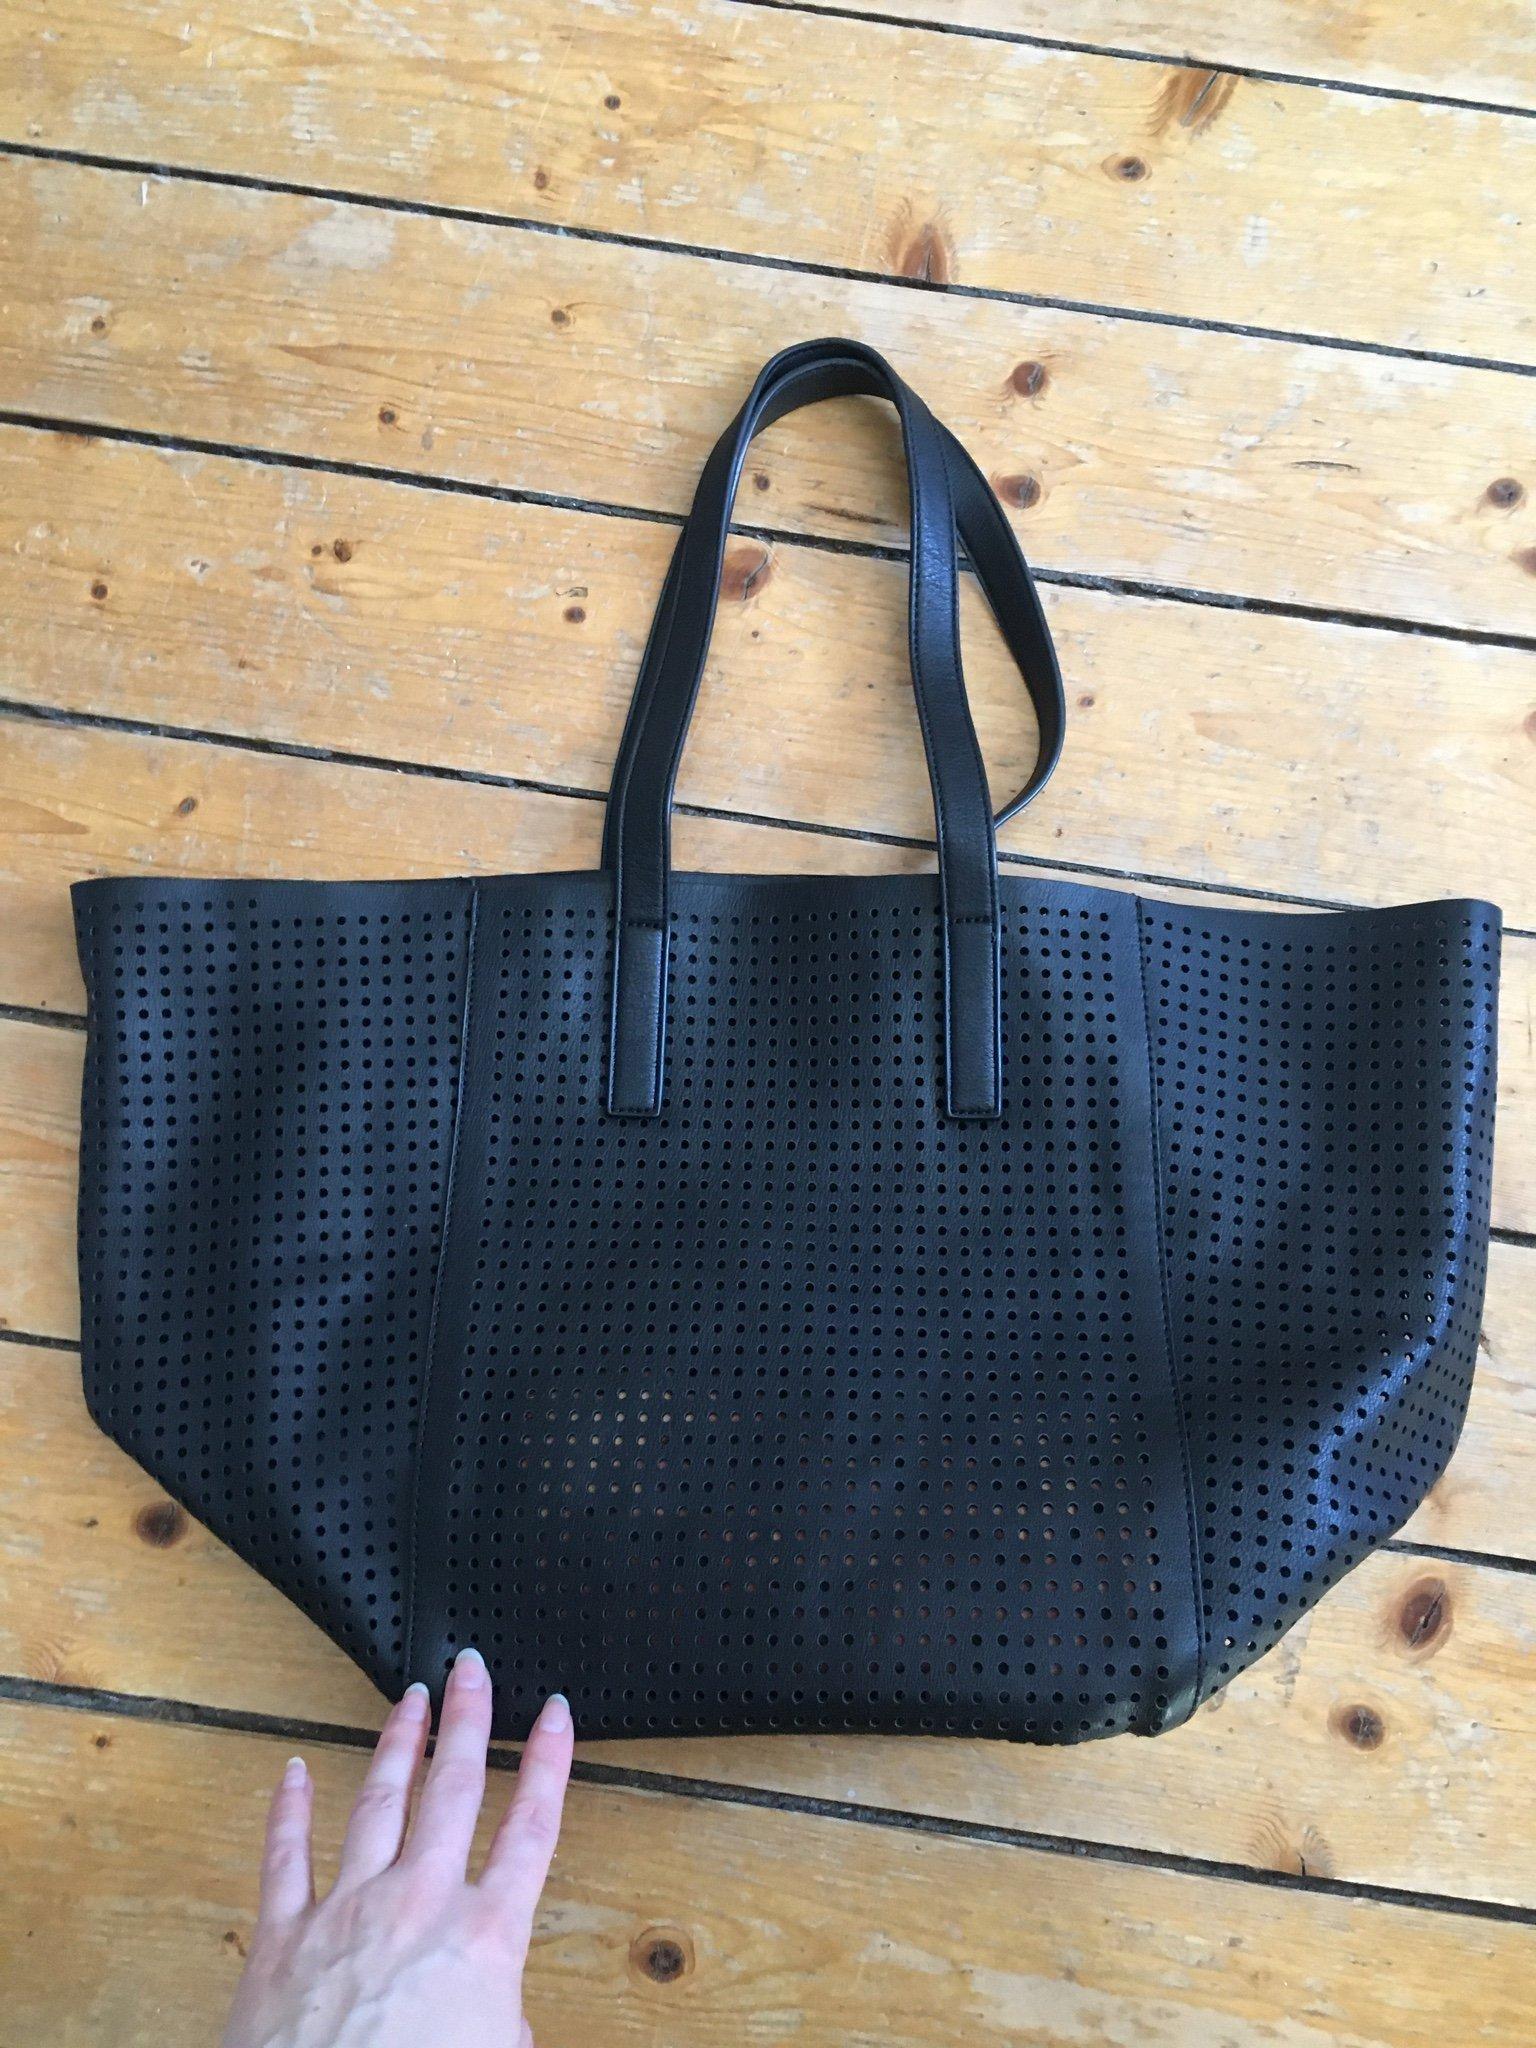 H&m väska Svart perferat låtsas läder imitation dataväska shopper axelremsväska